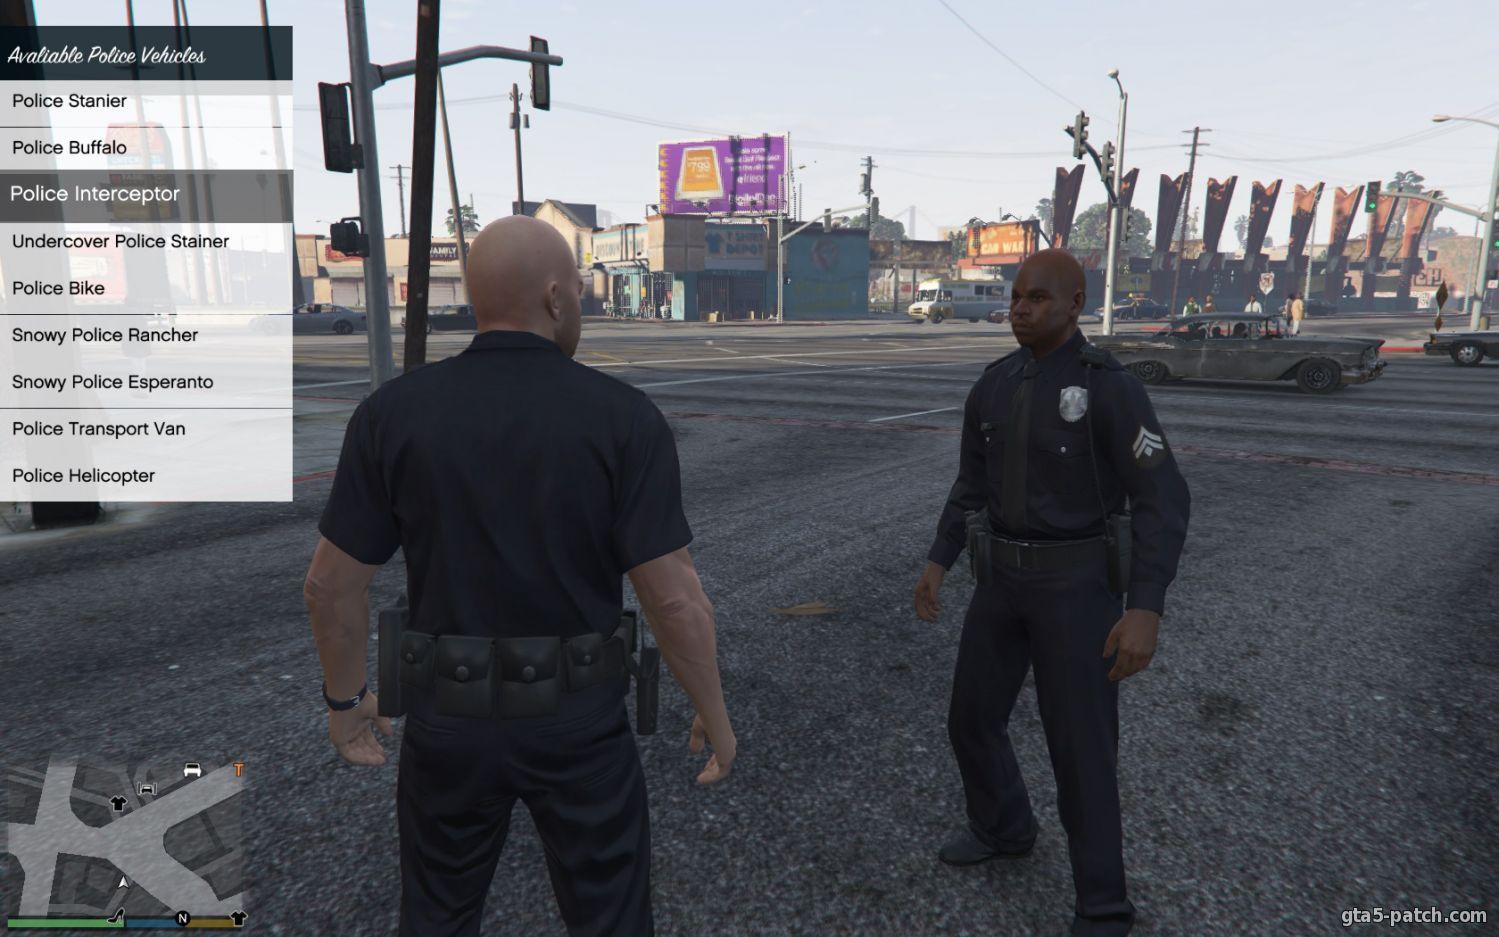 скачать мод для гта 5 полицейский